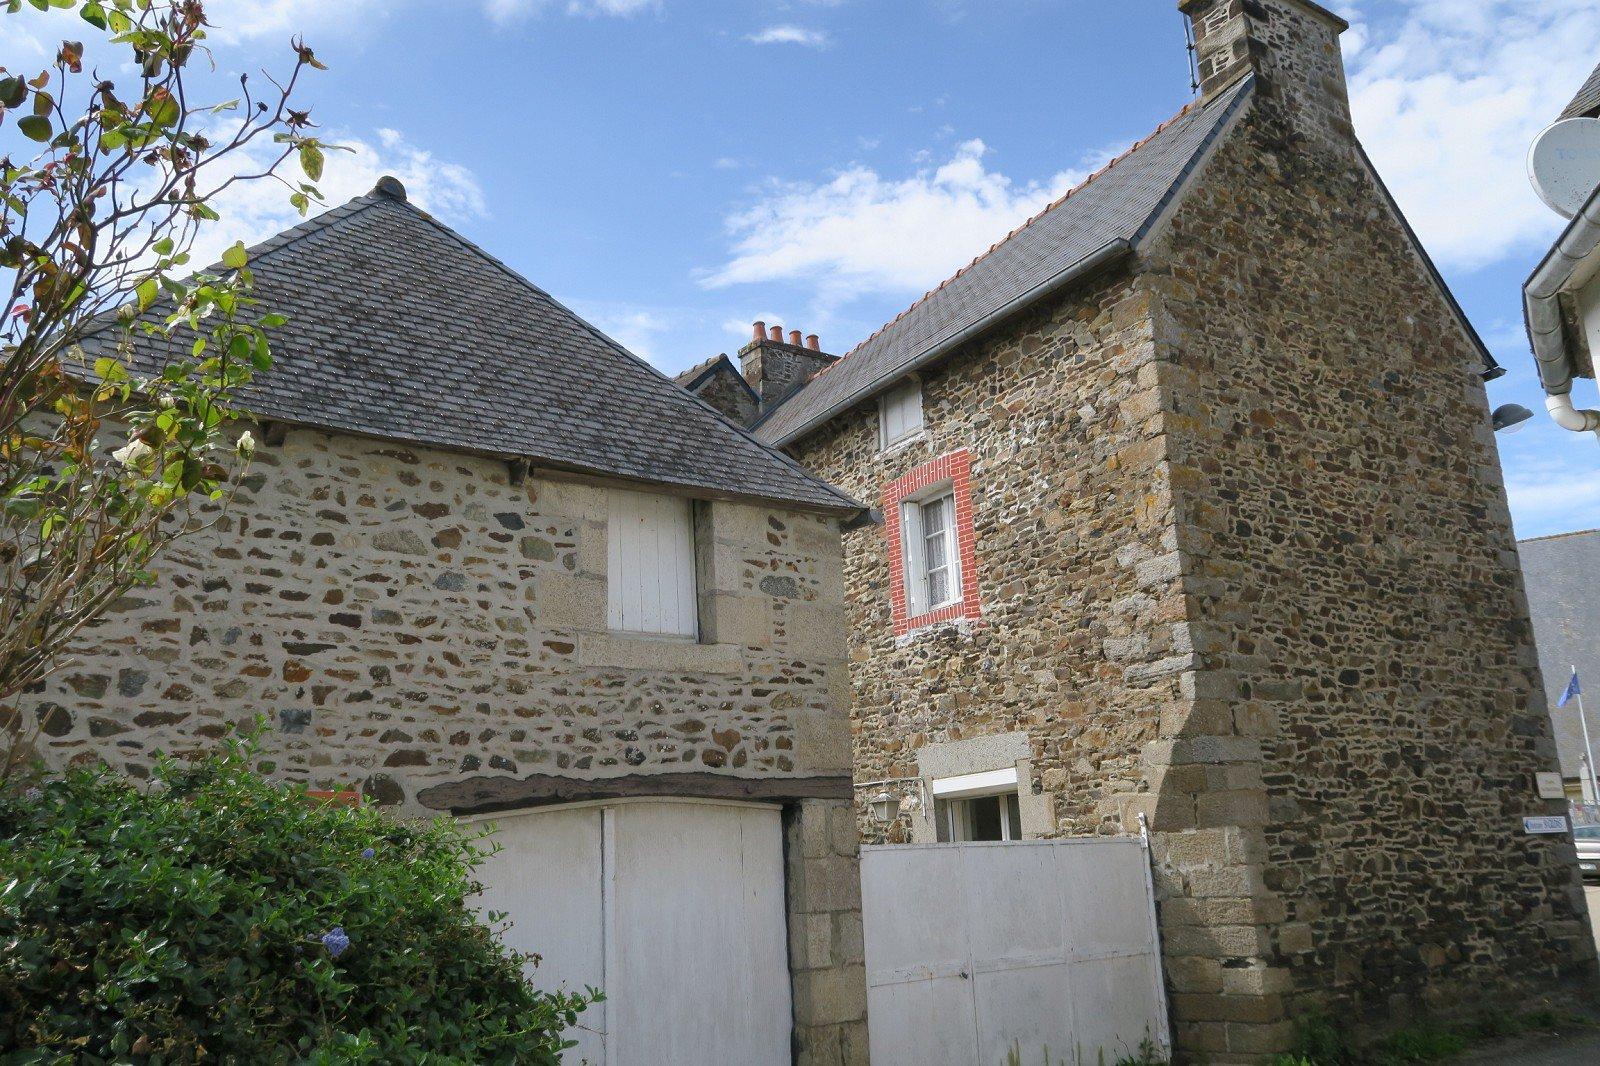 Maison CENTRE BOURG